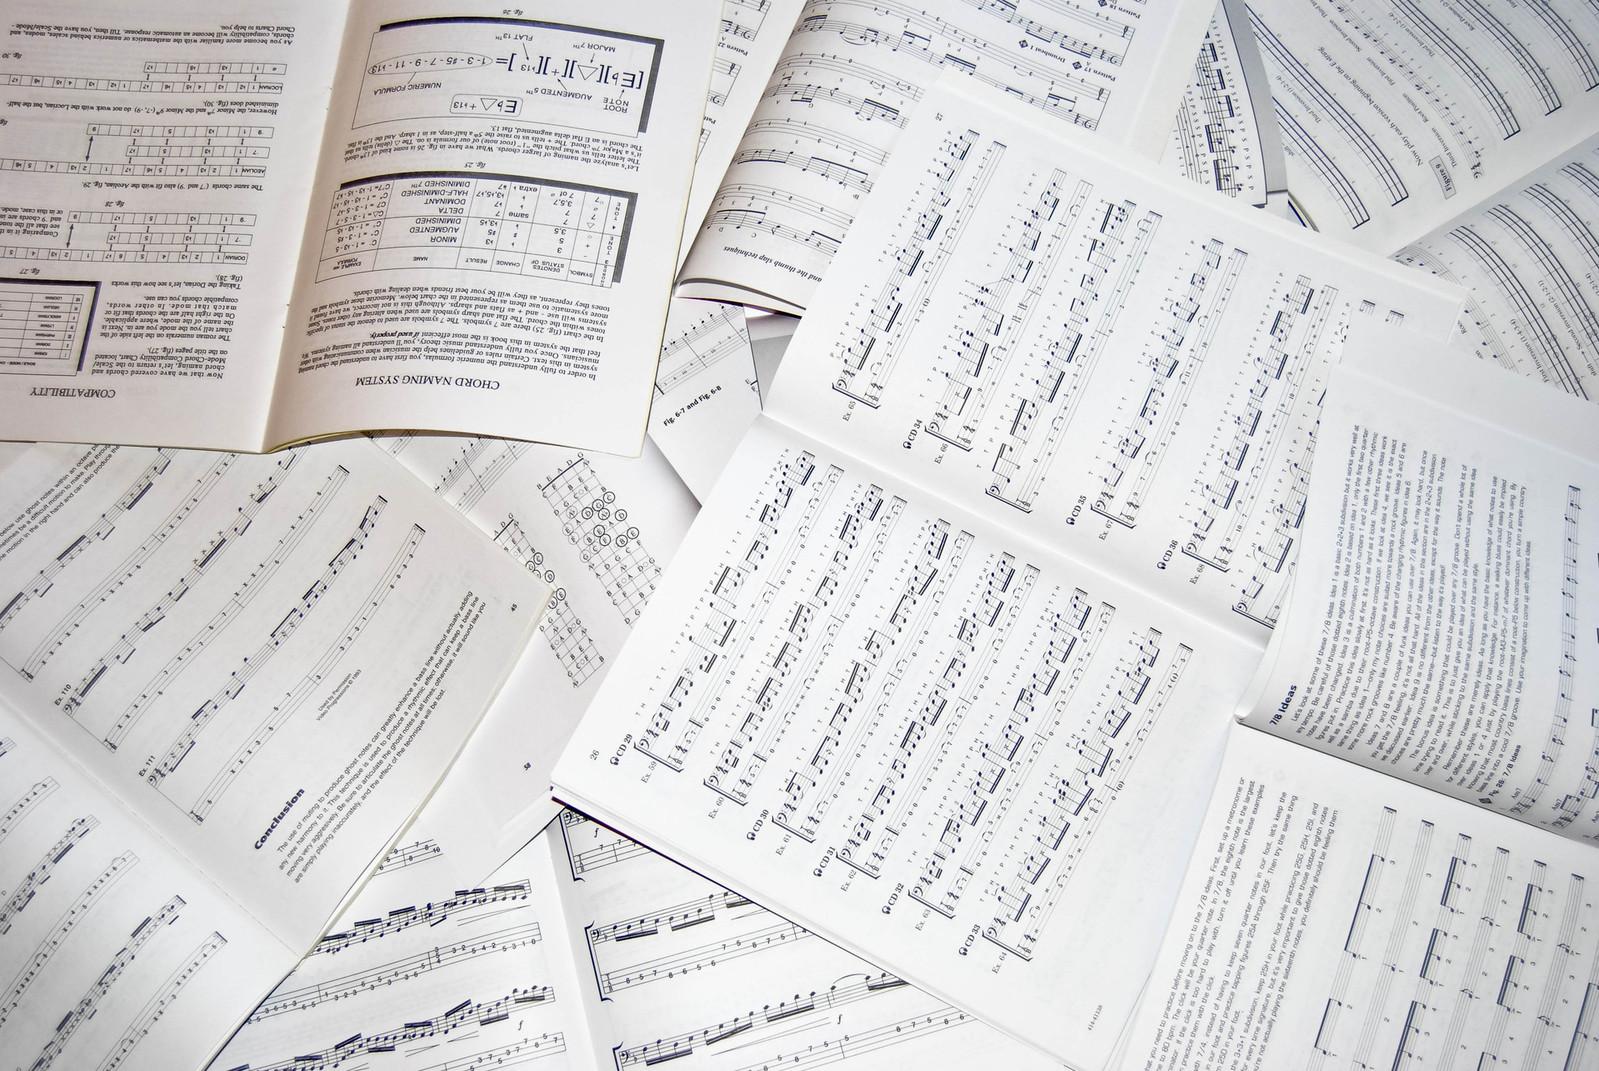 Partituras de música